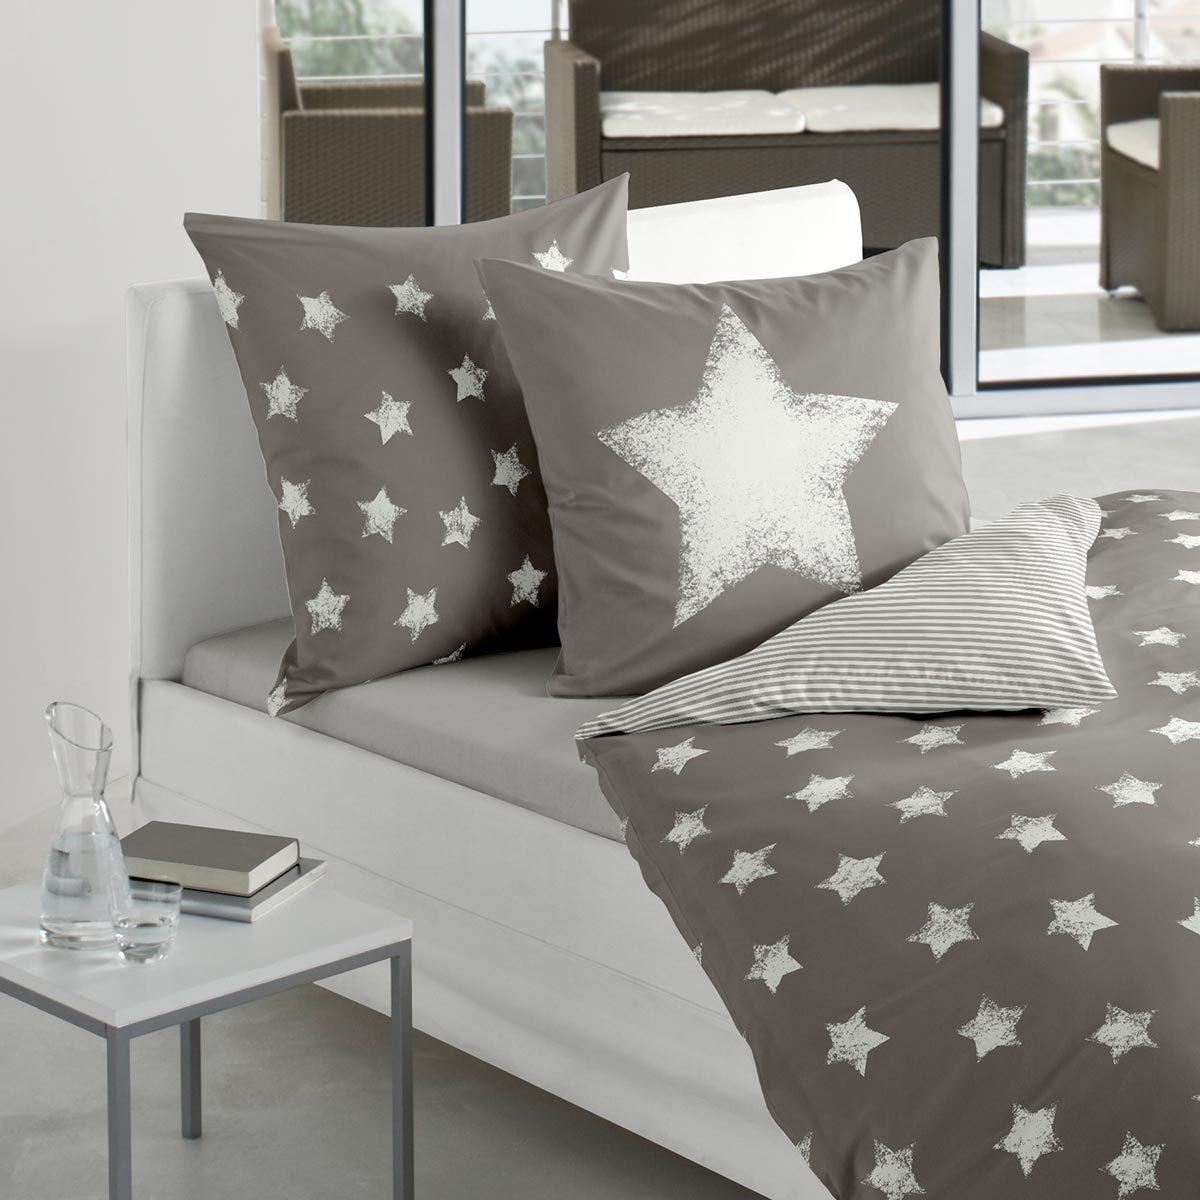 bierbaum biber wendebettw sche sterne mokka g nstig online kaufen bei bettwaren shop. Black Bedroom Furniture Sets. Home Design Ideas